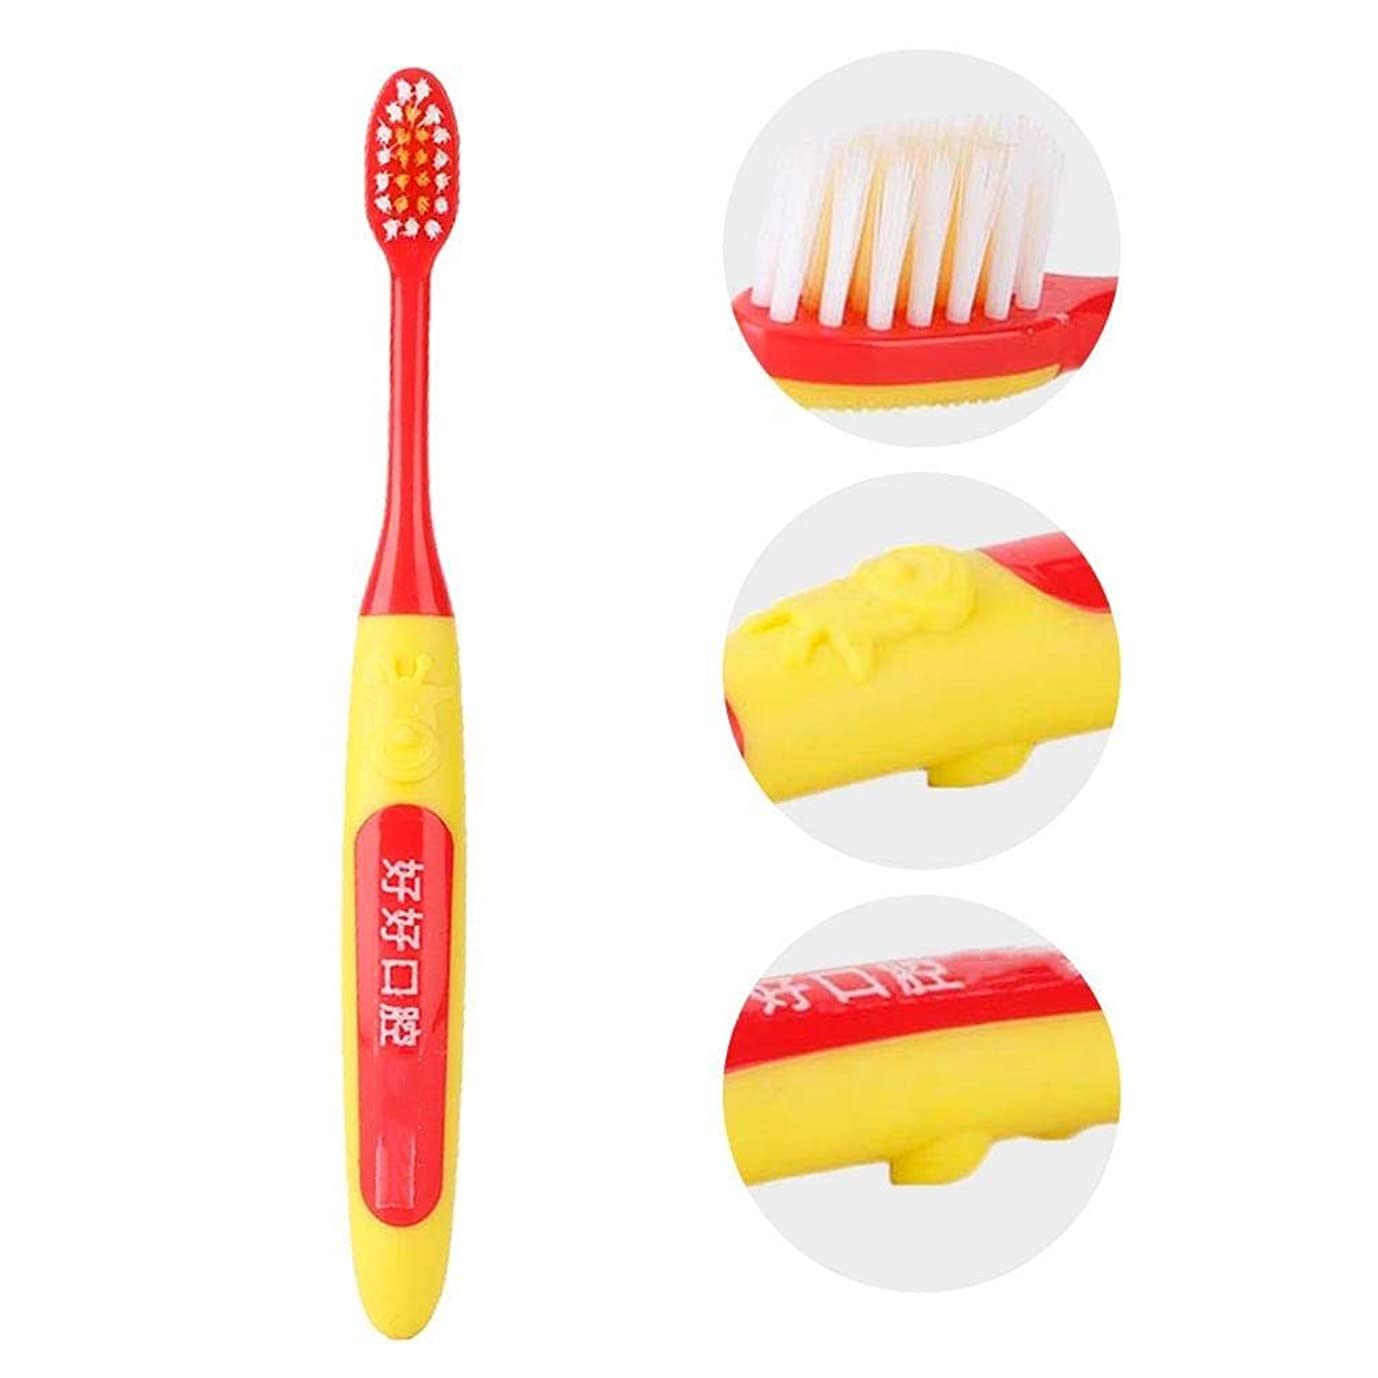 可能個人的な韻歯ブラシ子供の柔らかい髪の歯ブラシかわいい子供のクリーニング歯ブラシオーラルケアツール(黄色いハンドル)